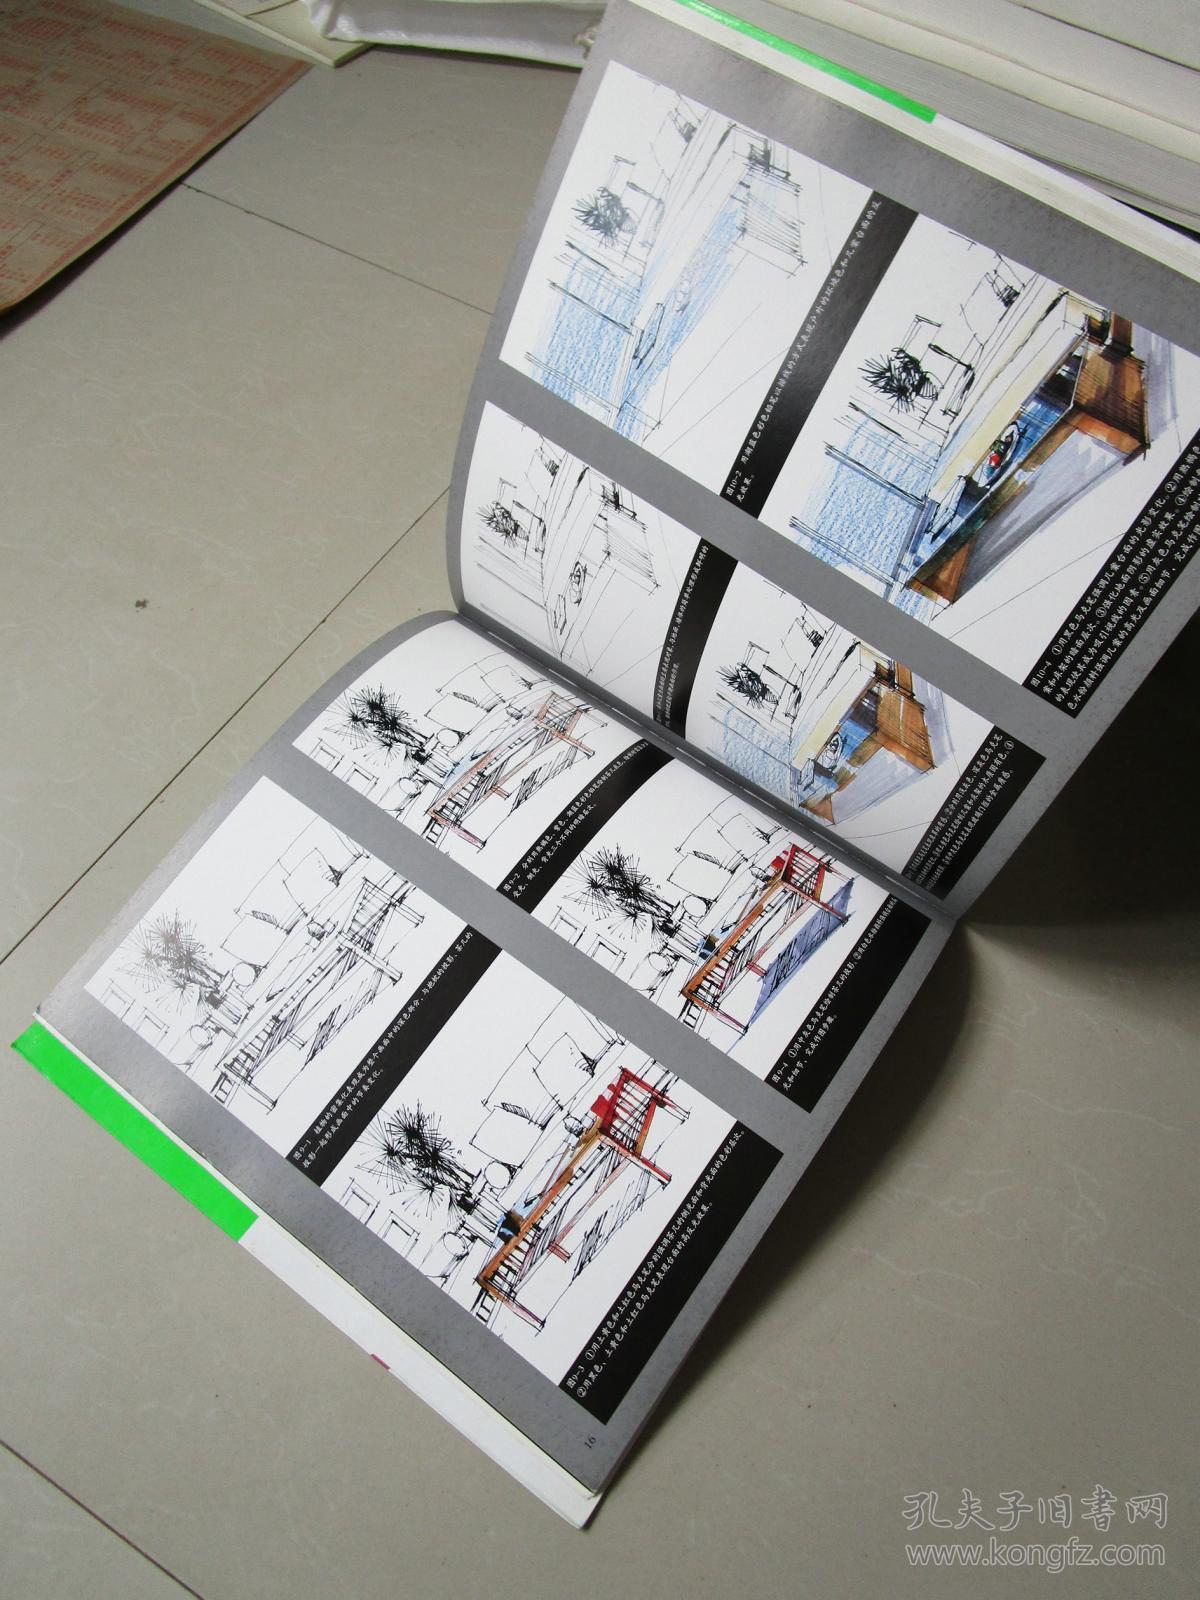 本书是马克笔手绘效果图技法宝典,内容有桌,椅,床